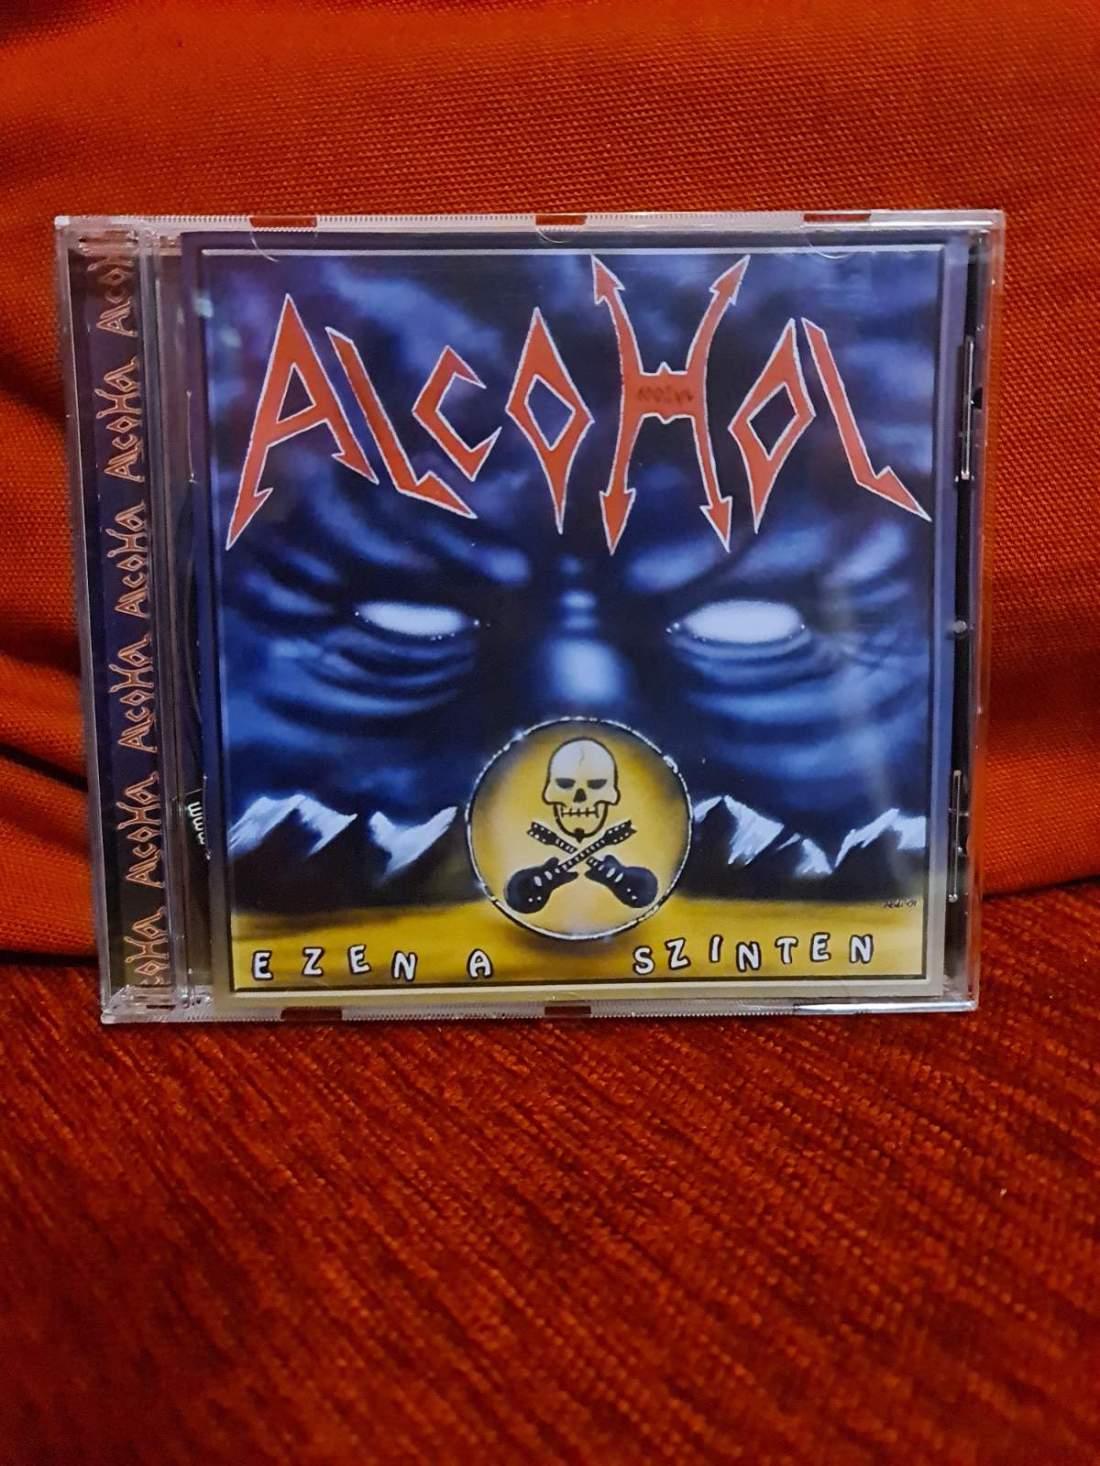 ALCOHOL - EZEN A SZINTEN CD